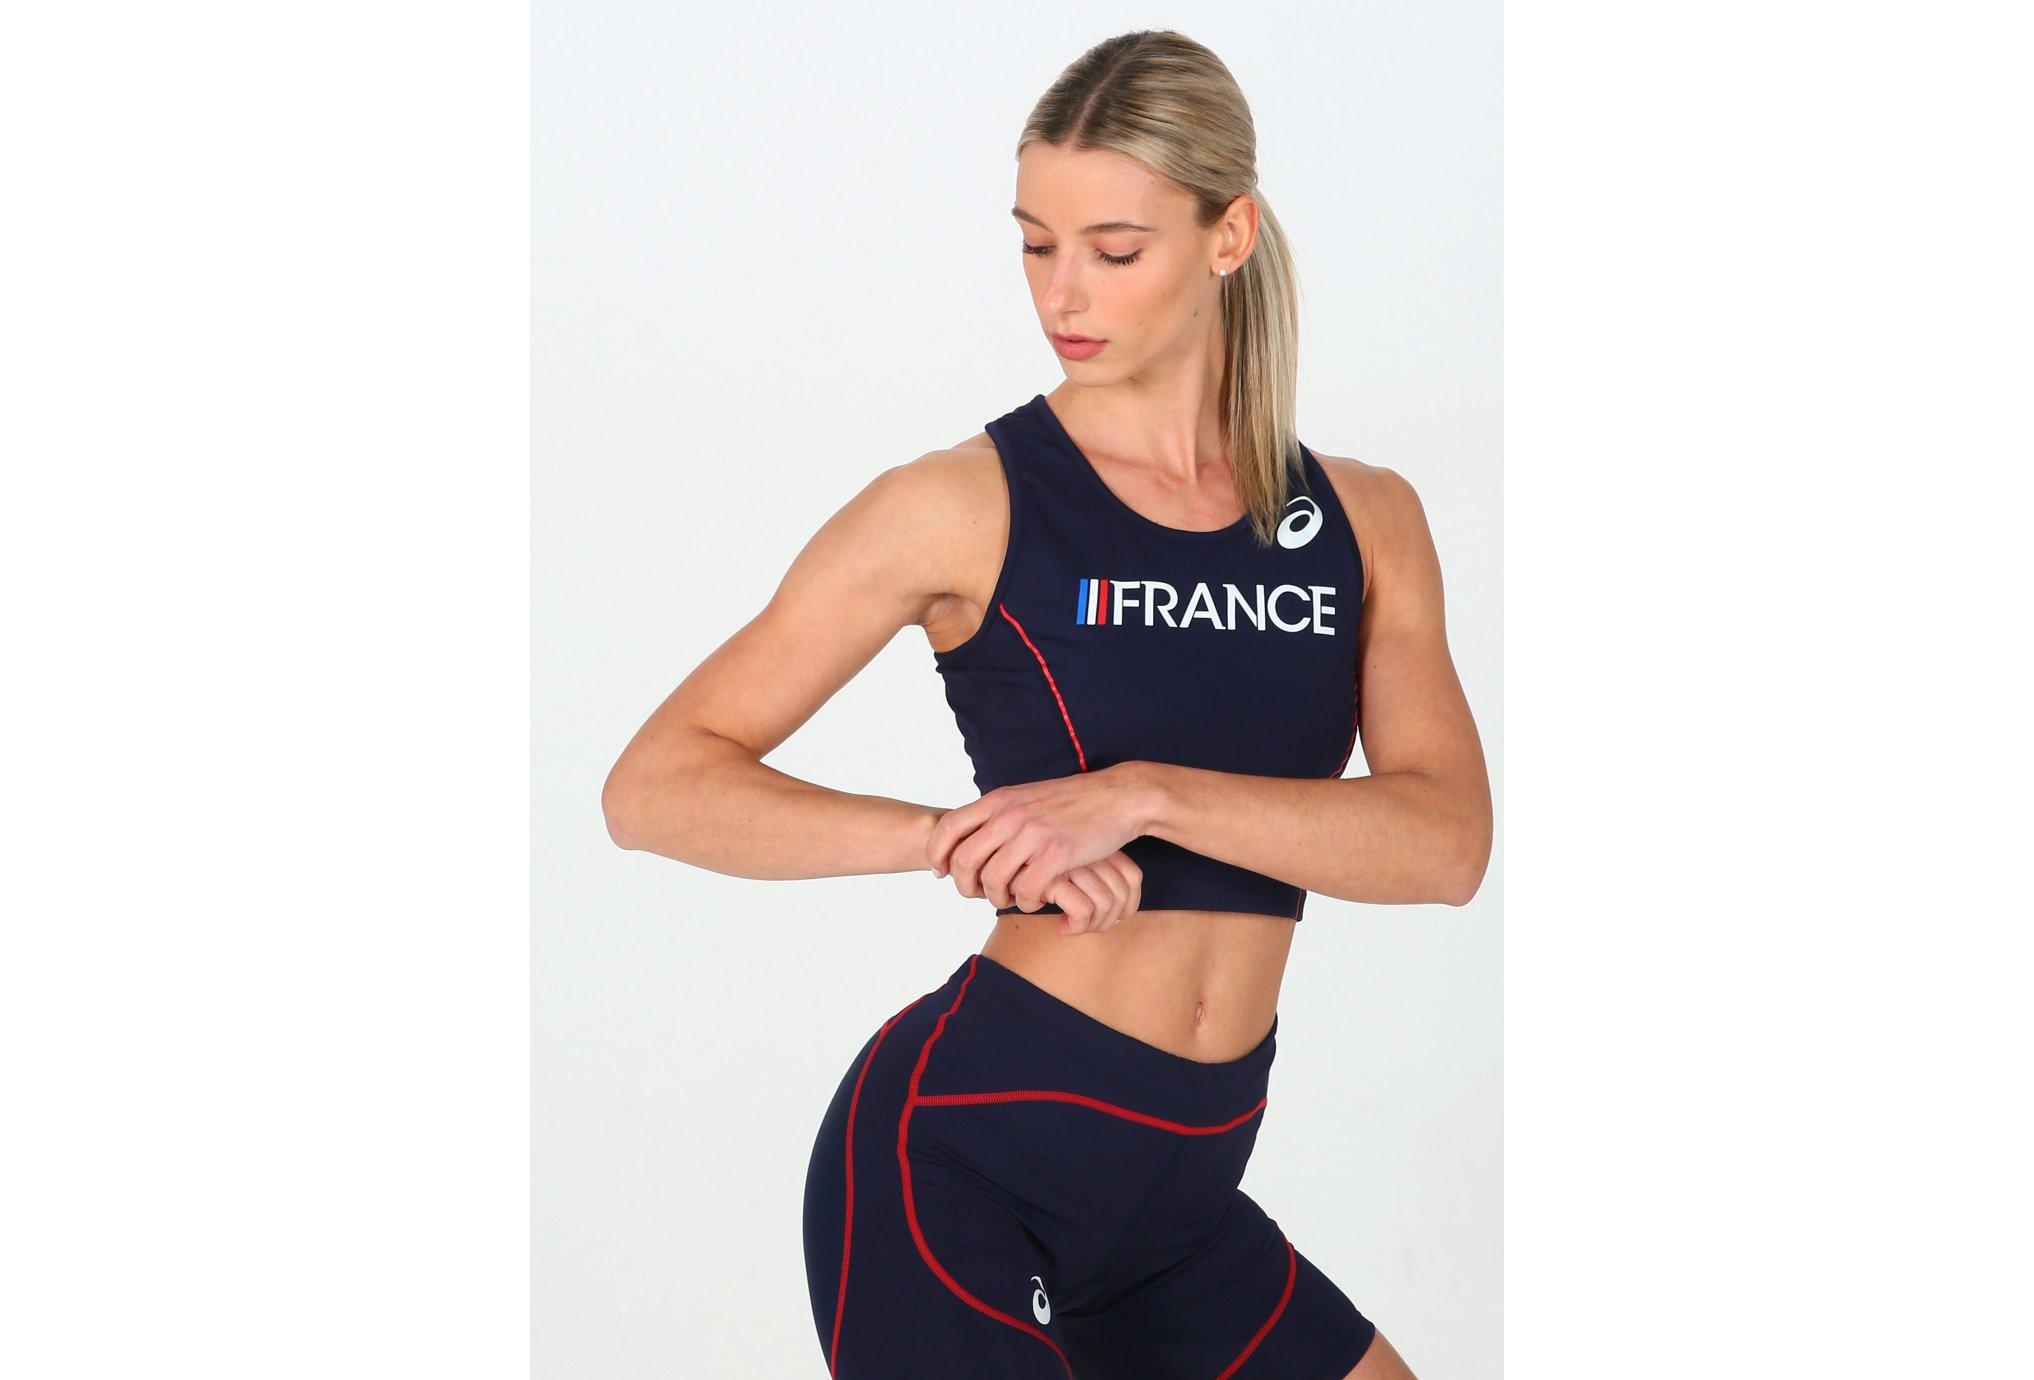 Asics Bra France W vêtement running femme